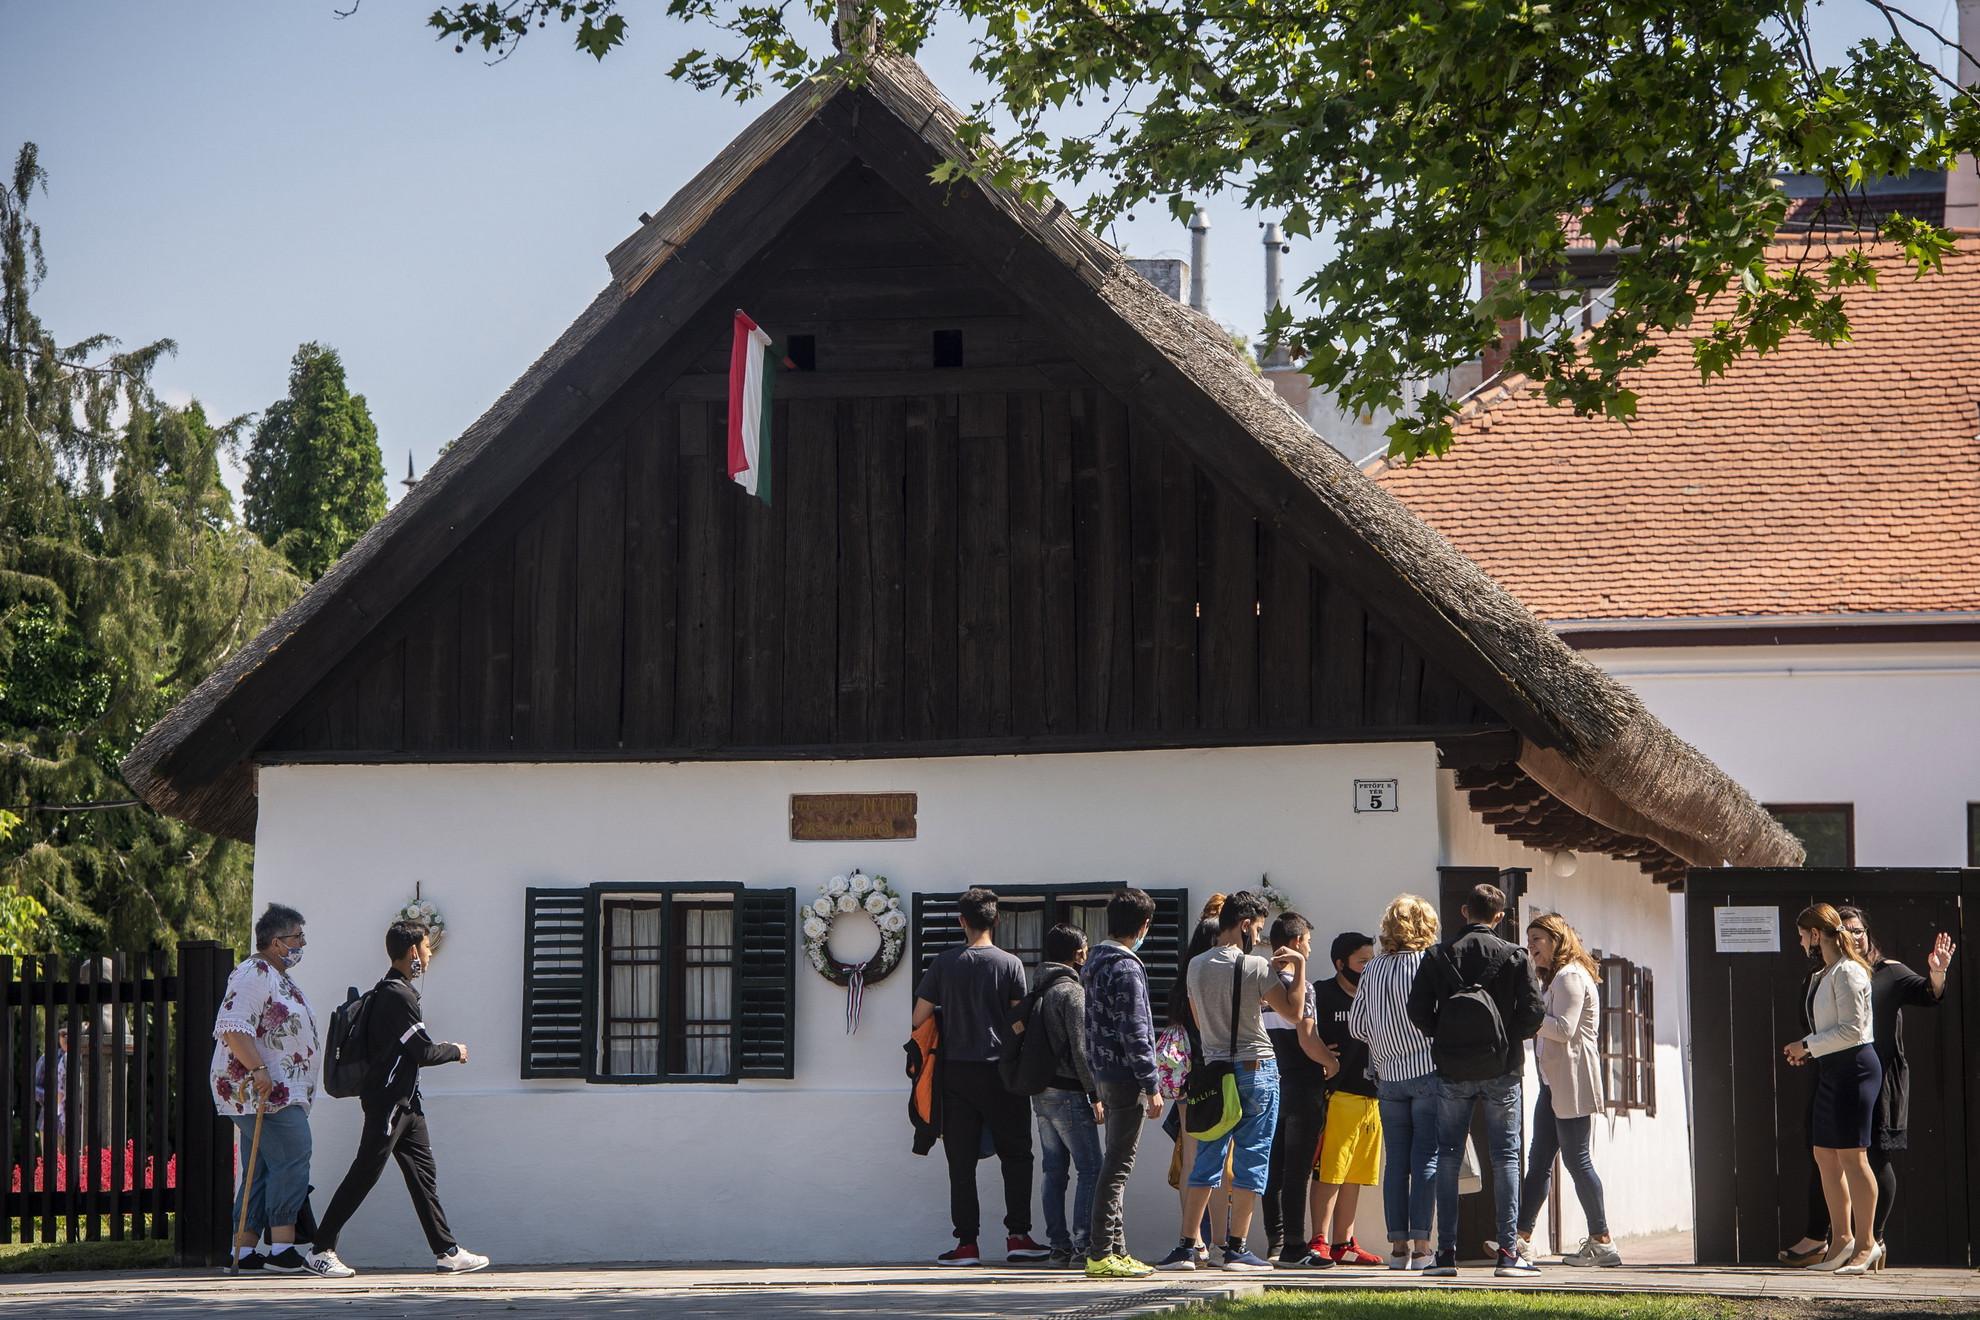 Petőfi Sándor szülőháza Kiskőrösön a Petőfi Sándor-emlékévről tartott sajtótájékoztató napján